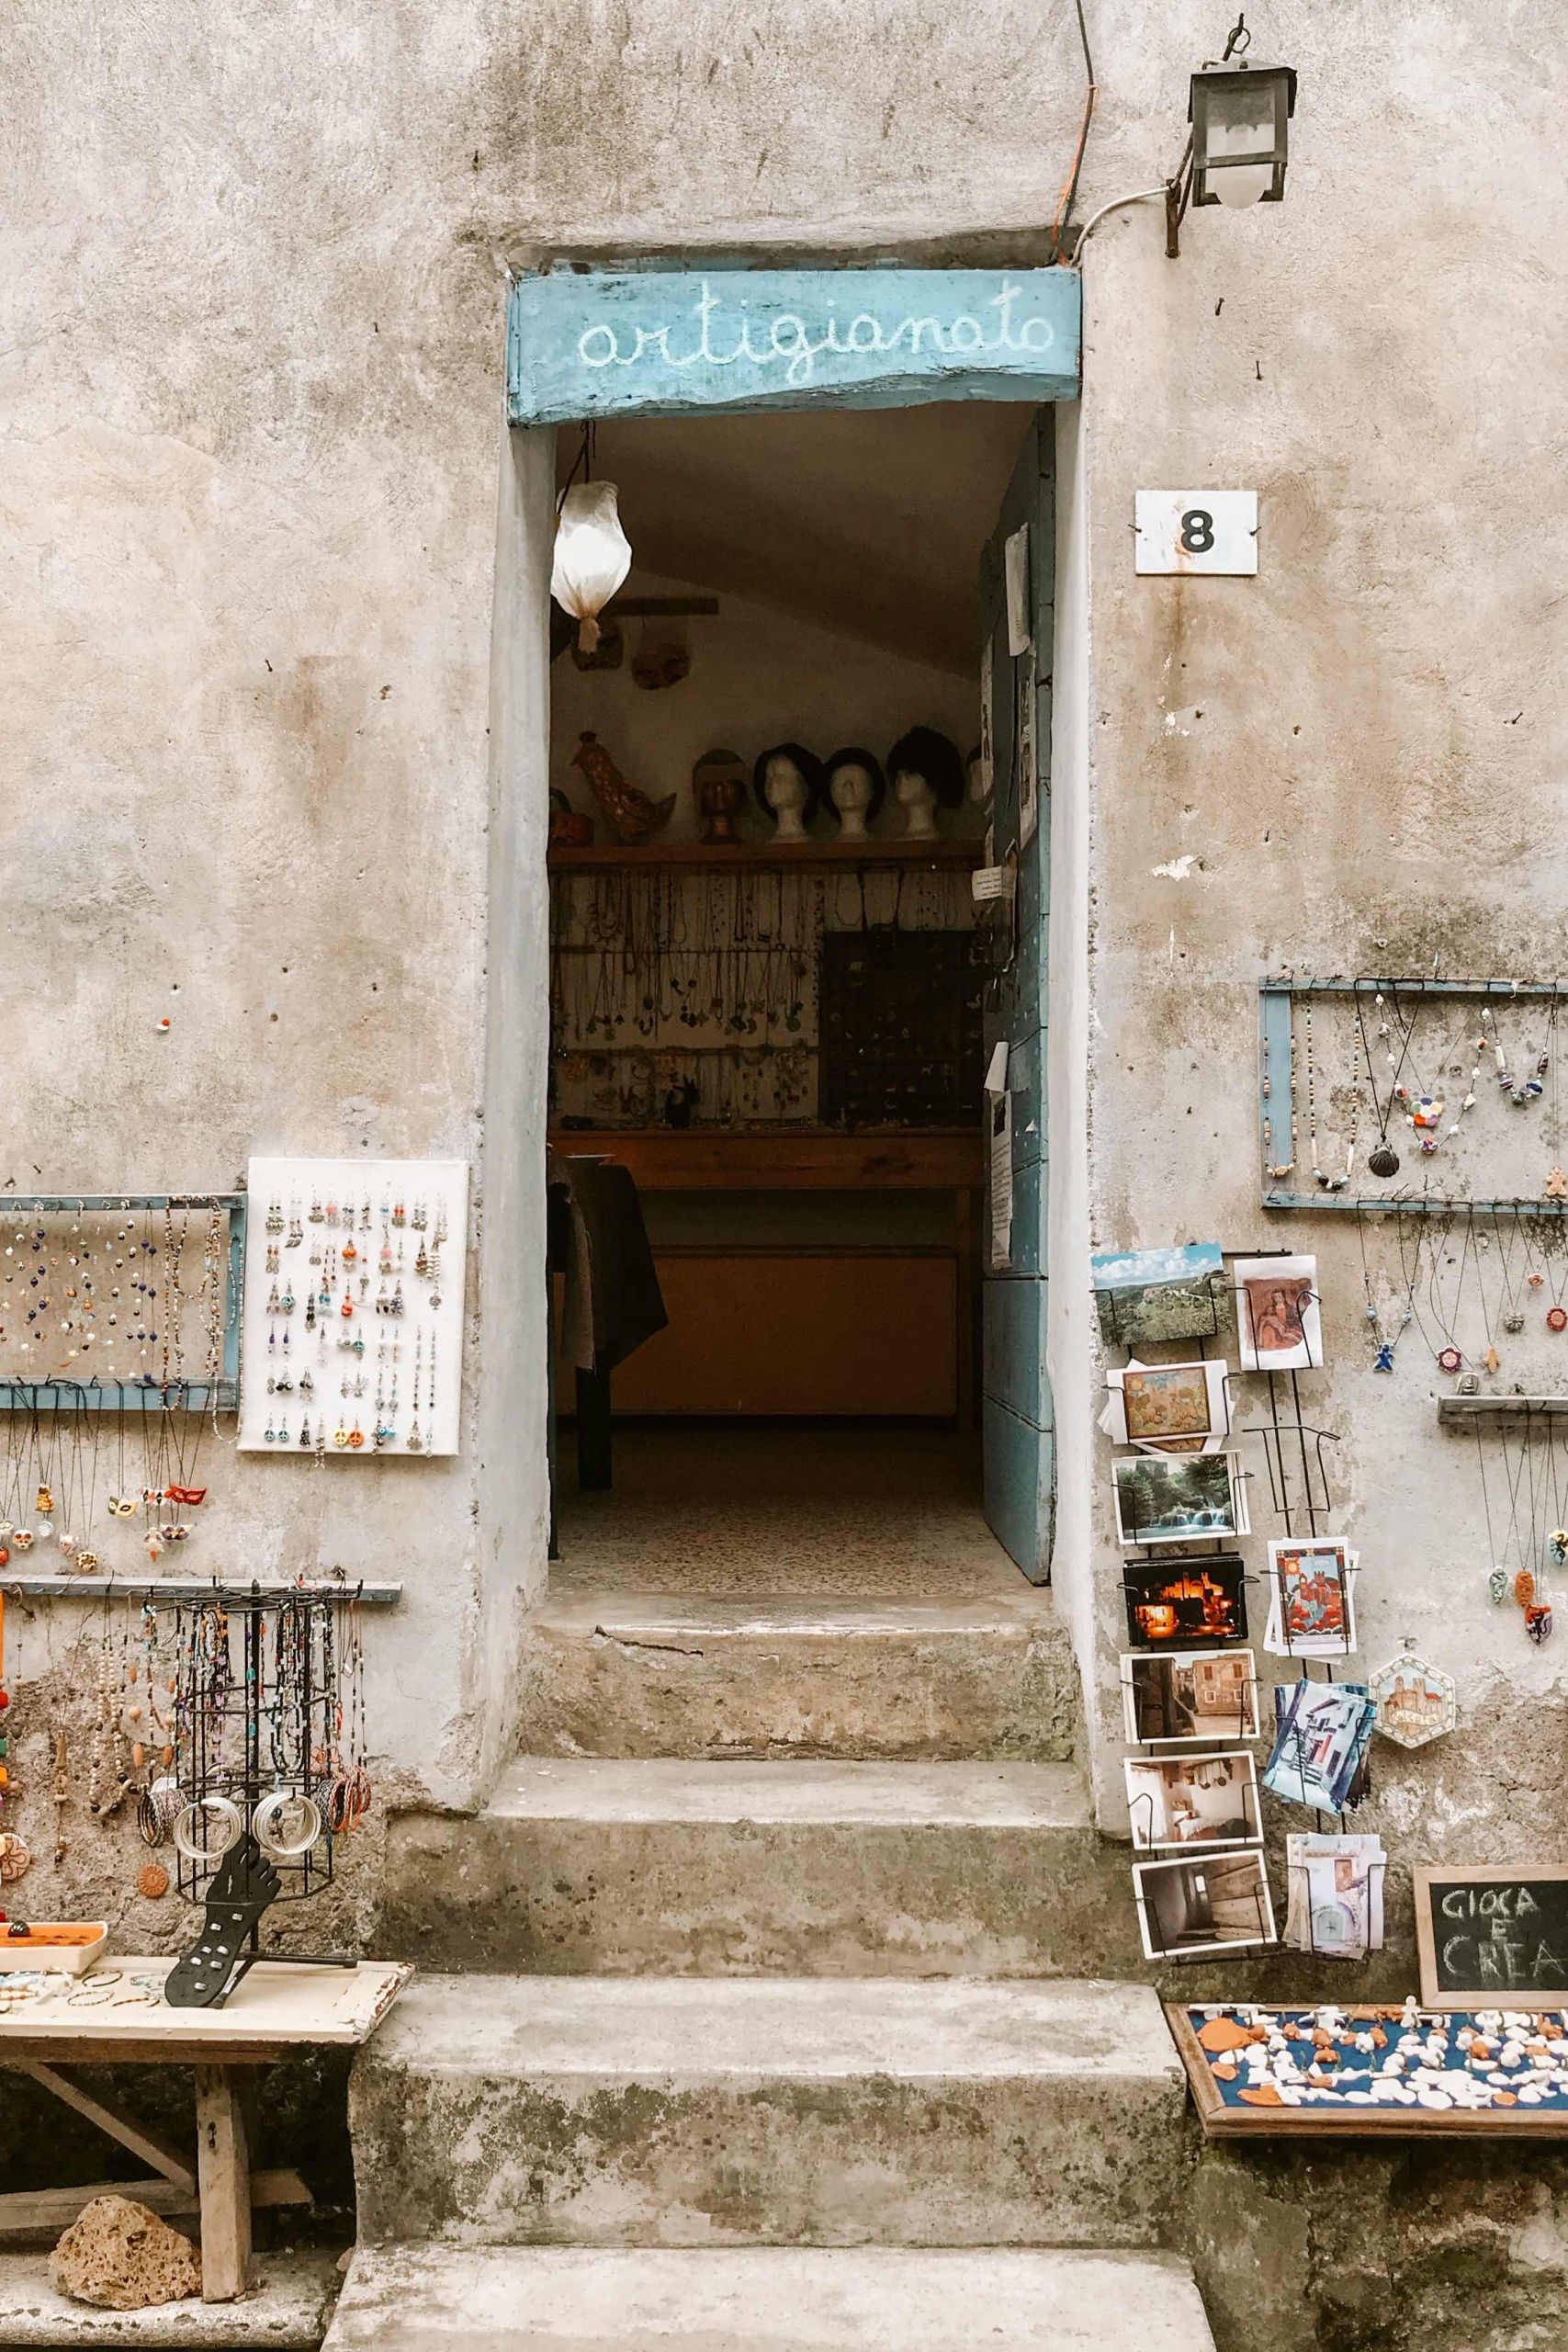 sostenere artigianato locale per viaggi sostenibili